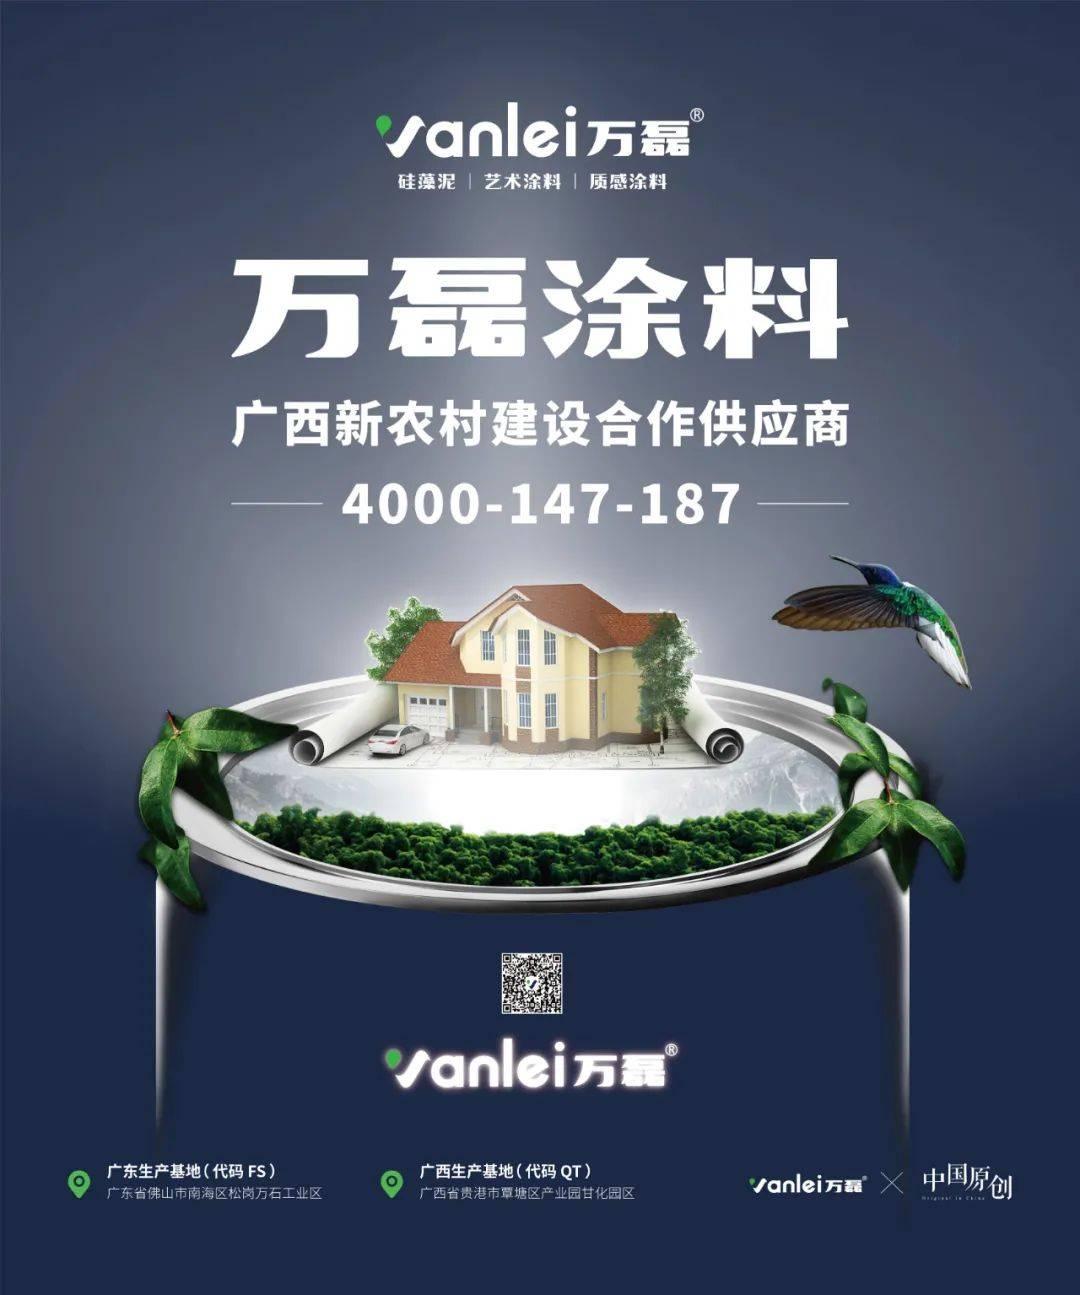 官宣   广西第一幅高铁广告落户贵港,欧洲杯竞猜 新农村建设合作供应商正式上画